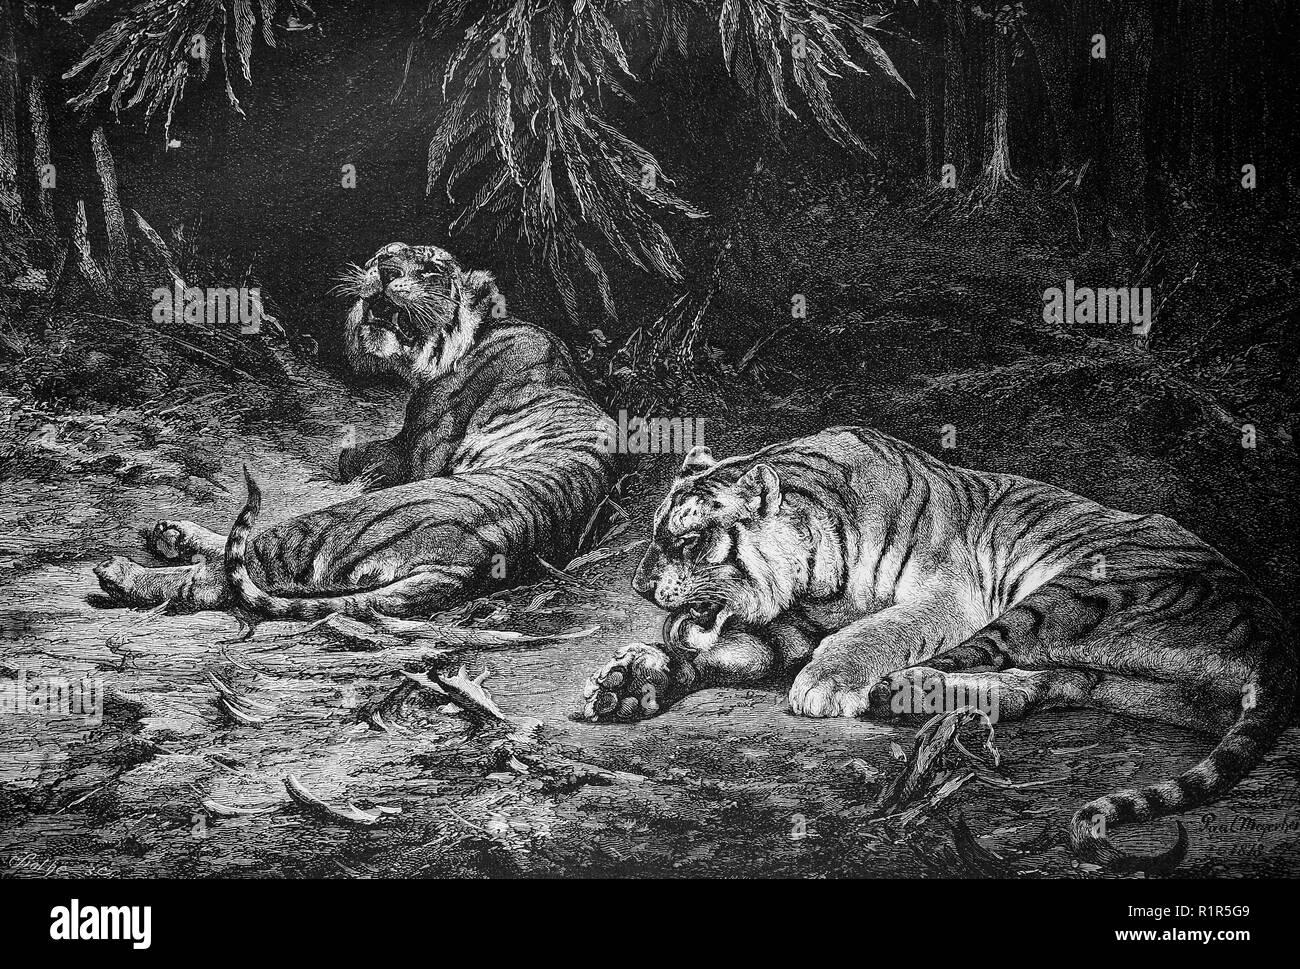 Digital verbesserte Reproduktion, Bengal Tiger ist ein Panthera tigris tigris Bevölkerung im indischen Subkontinent, original Drucken aus dem Jahr 1880 Stockbild